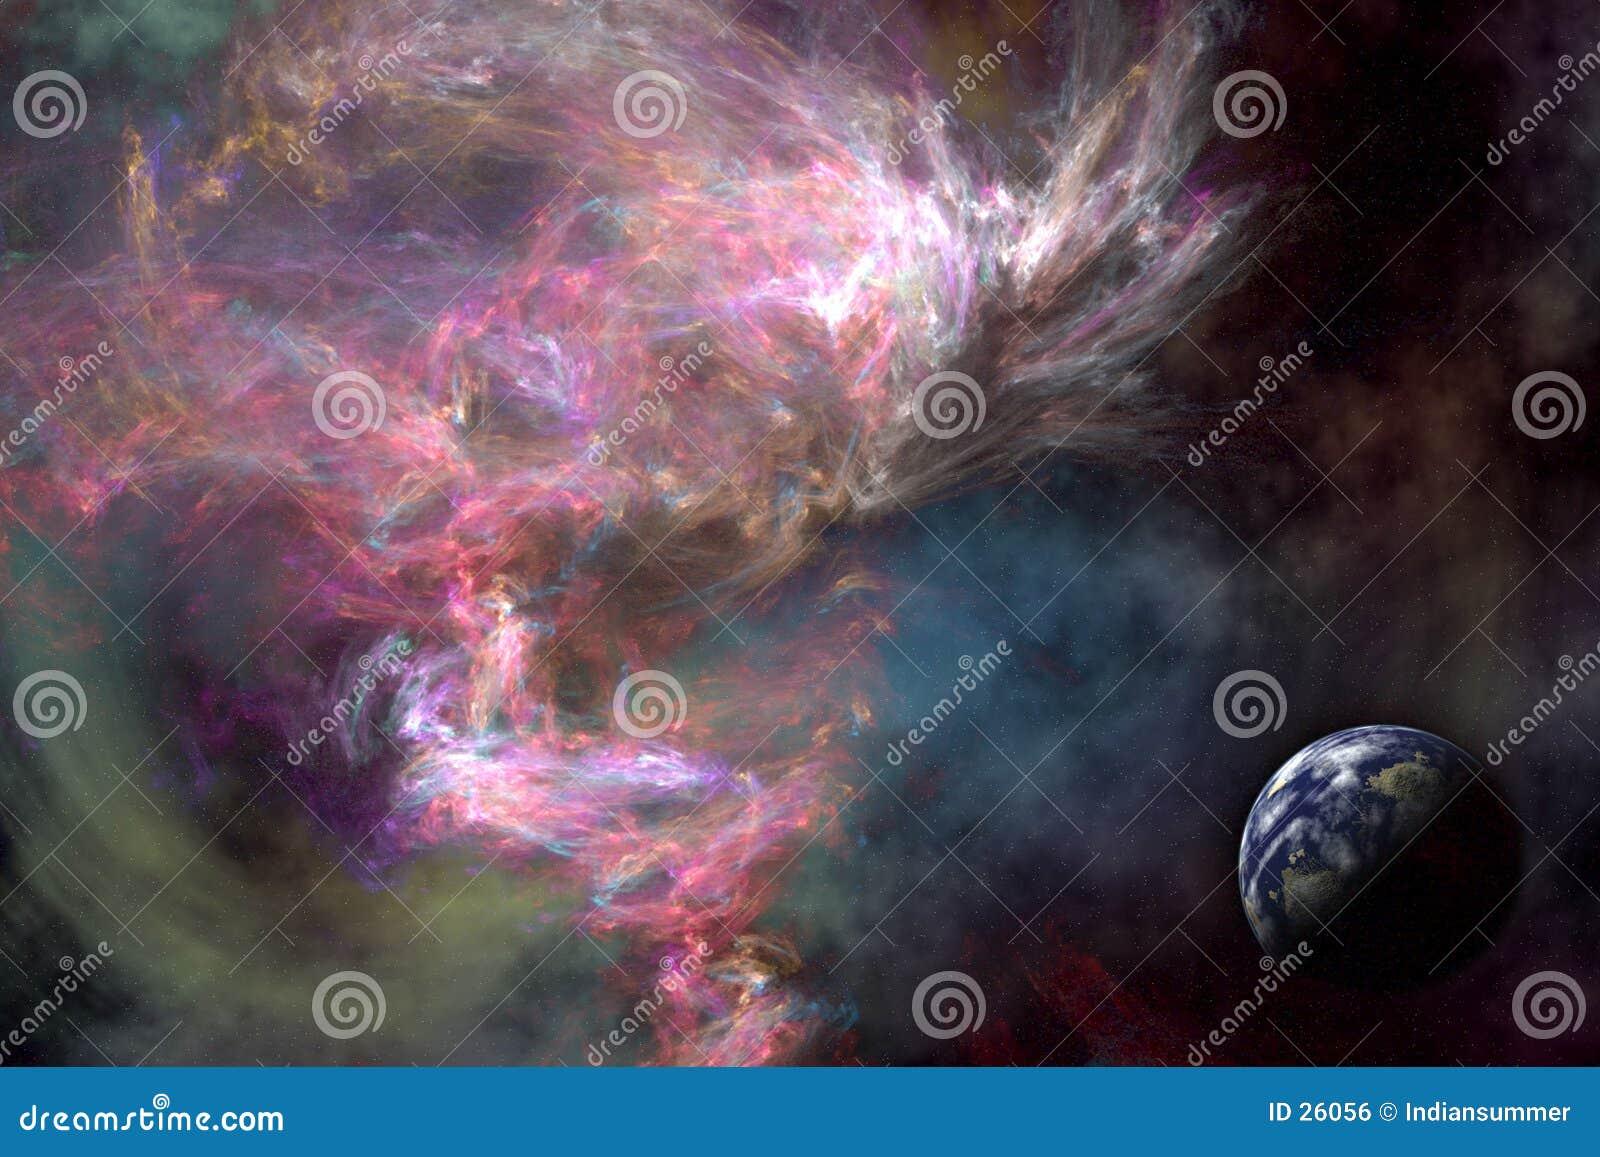 Download Platzdrehbuch stock abbildung. Illustration von galaxie - 26056